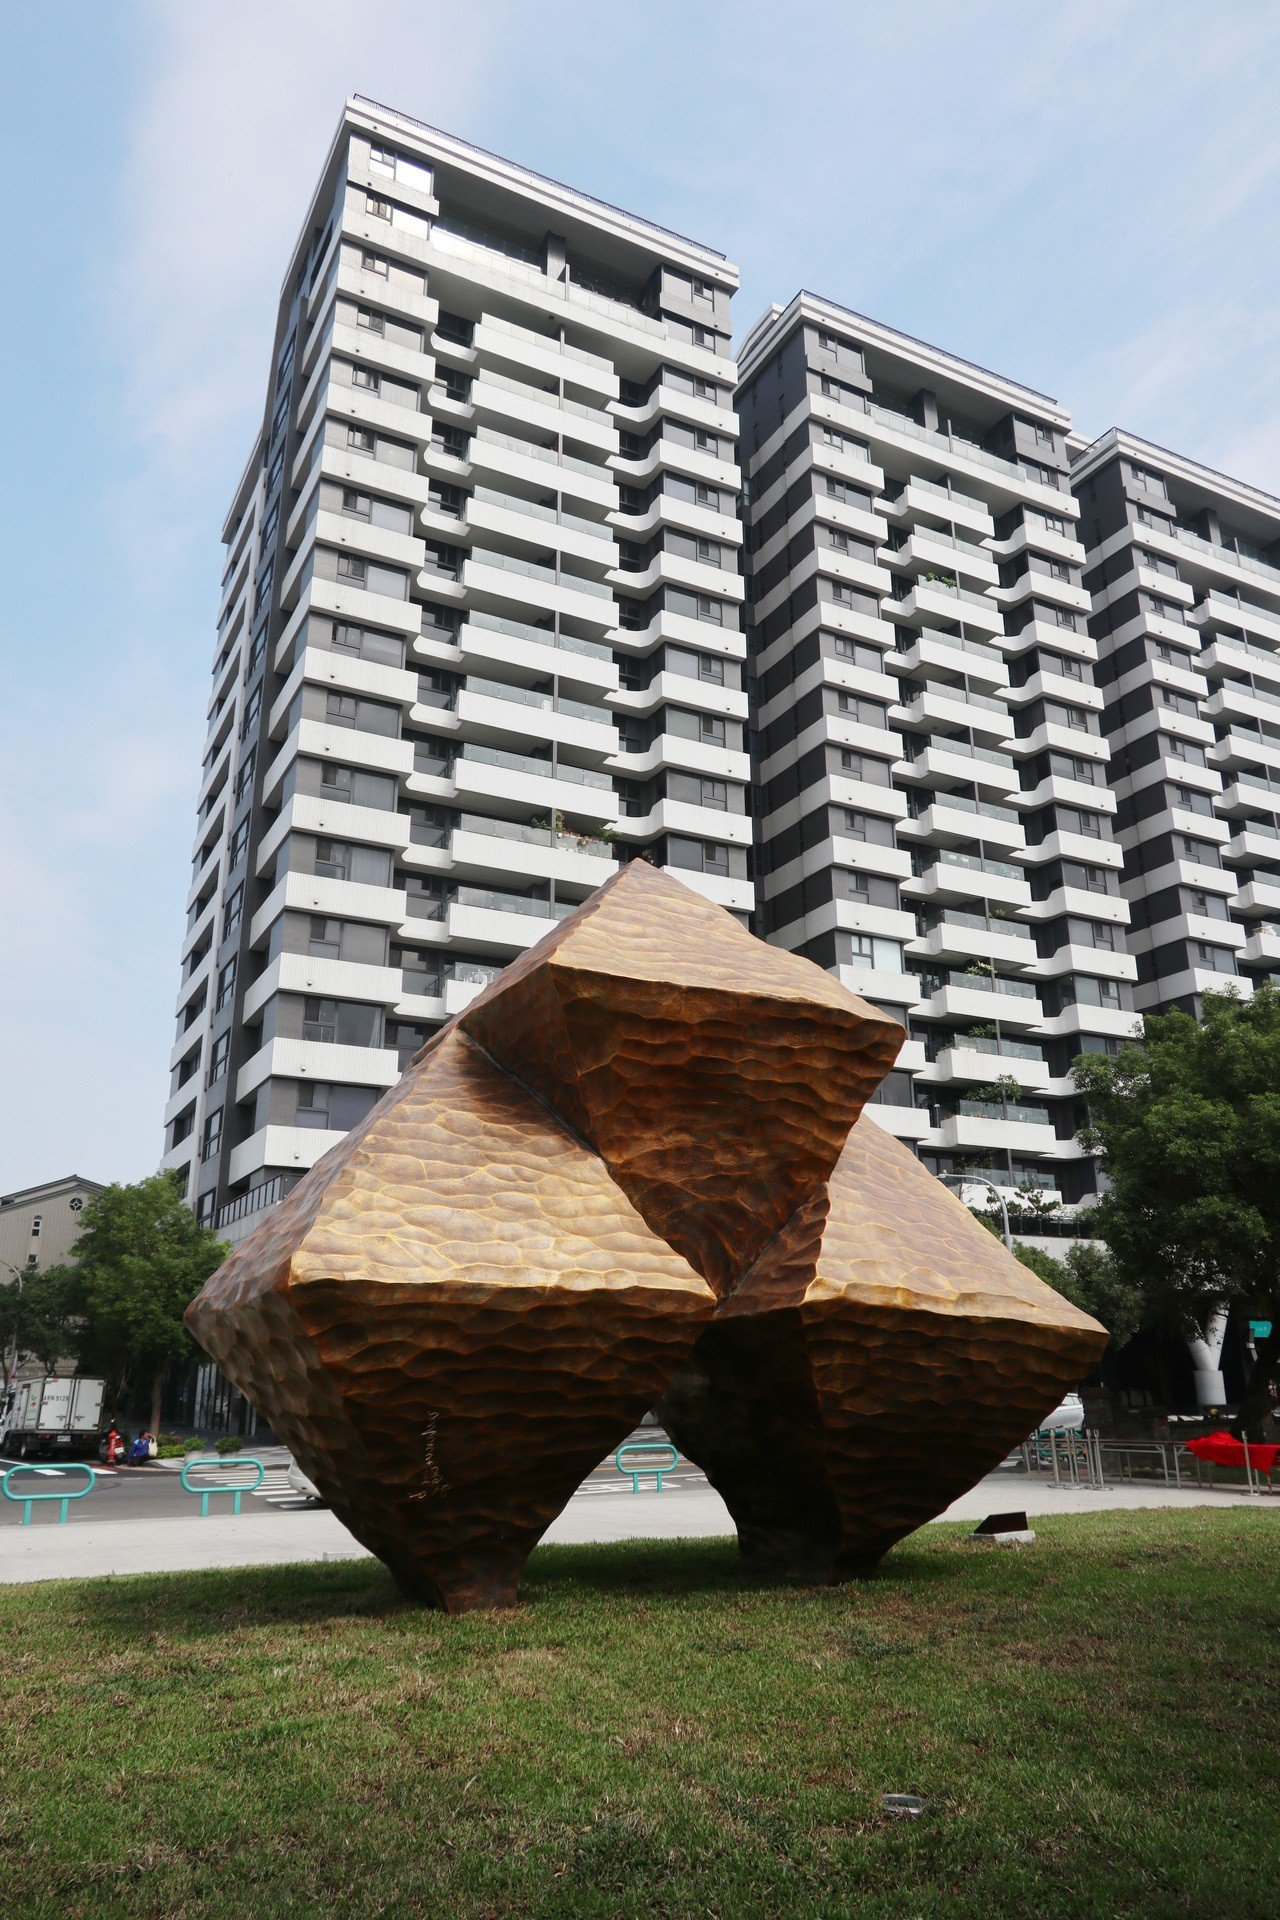 桃園市府今年斥資2700萬元,於大溪埔頂公園採購2件大型公共藝術品,但民眾認為藝...